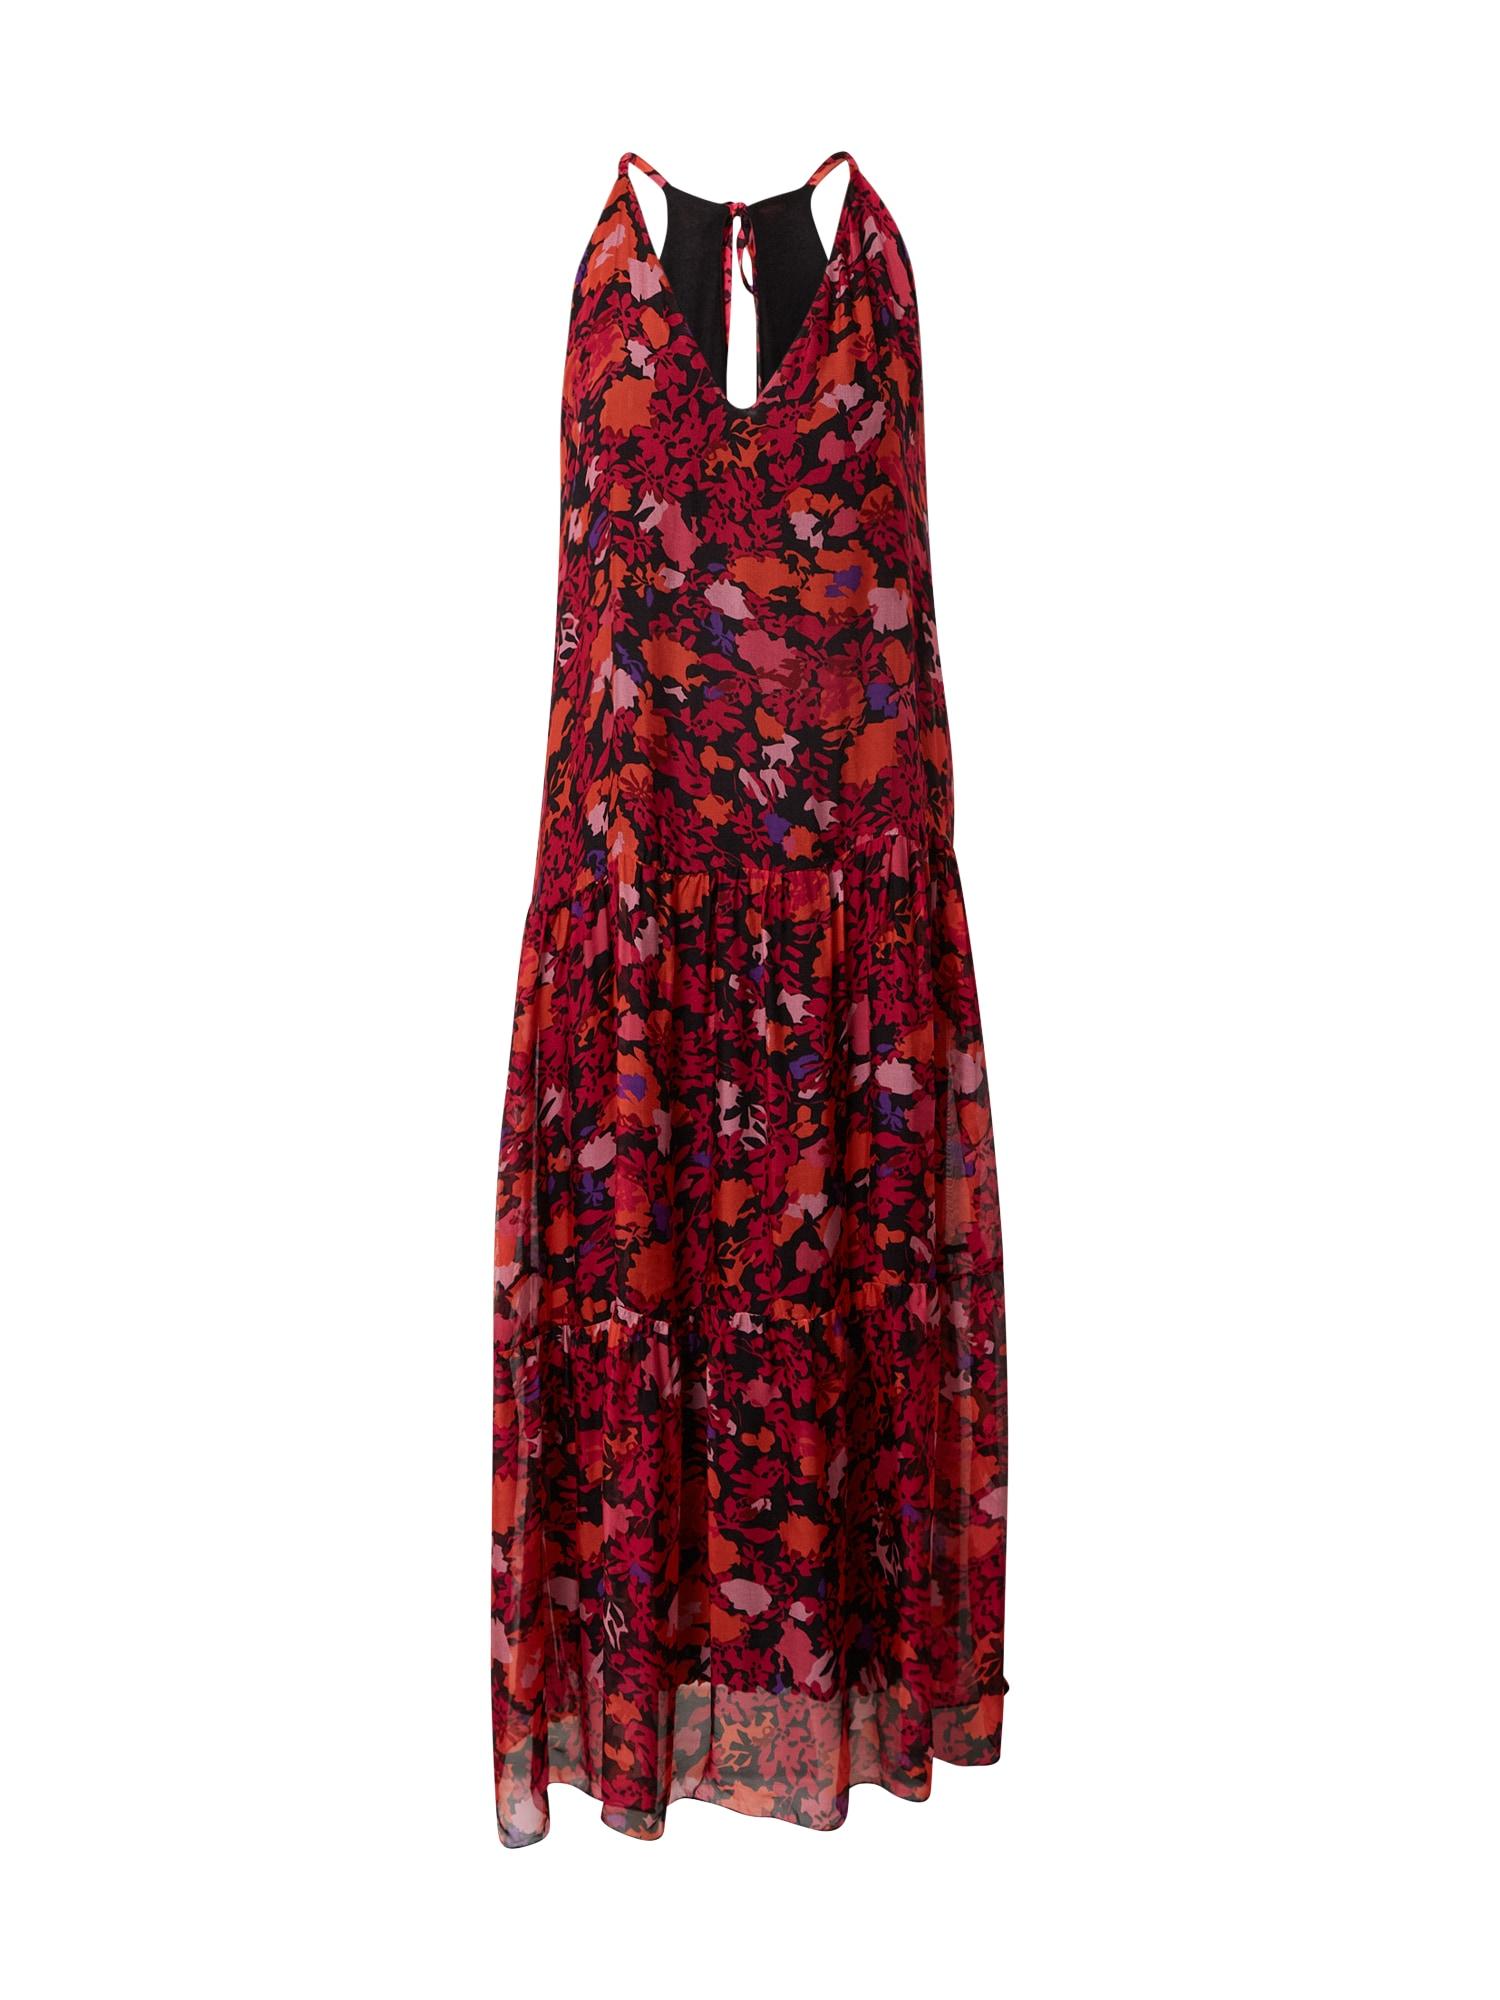 FRNCH PARIS Suknelė juoda / rožinė / rožių spalva / oranžinė / purpurinė